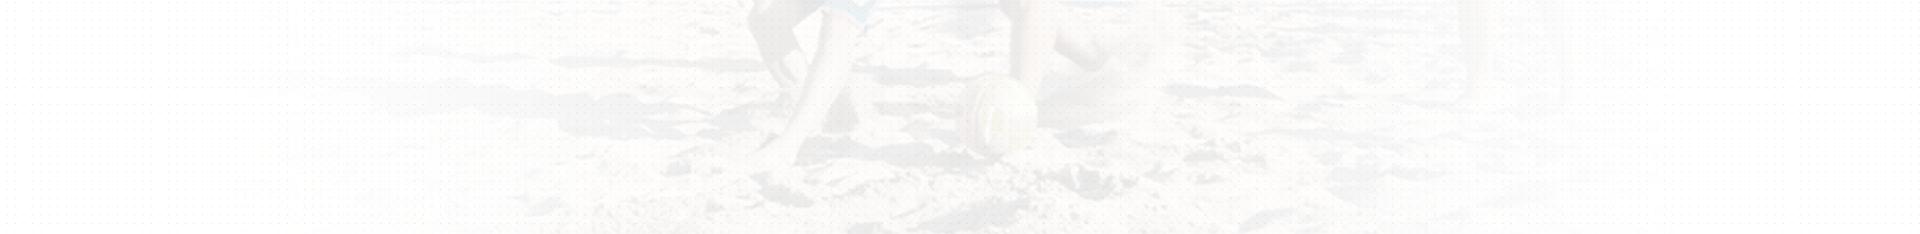 Plážový fotbal